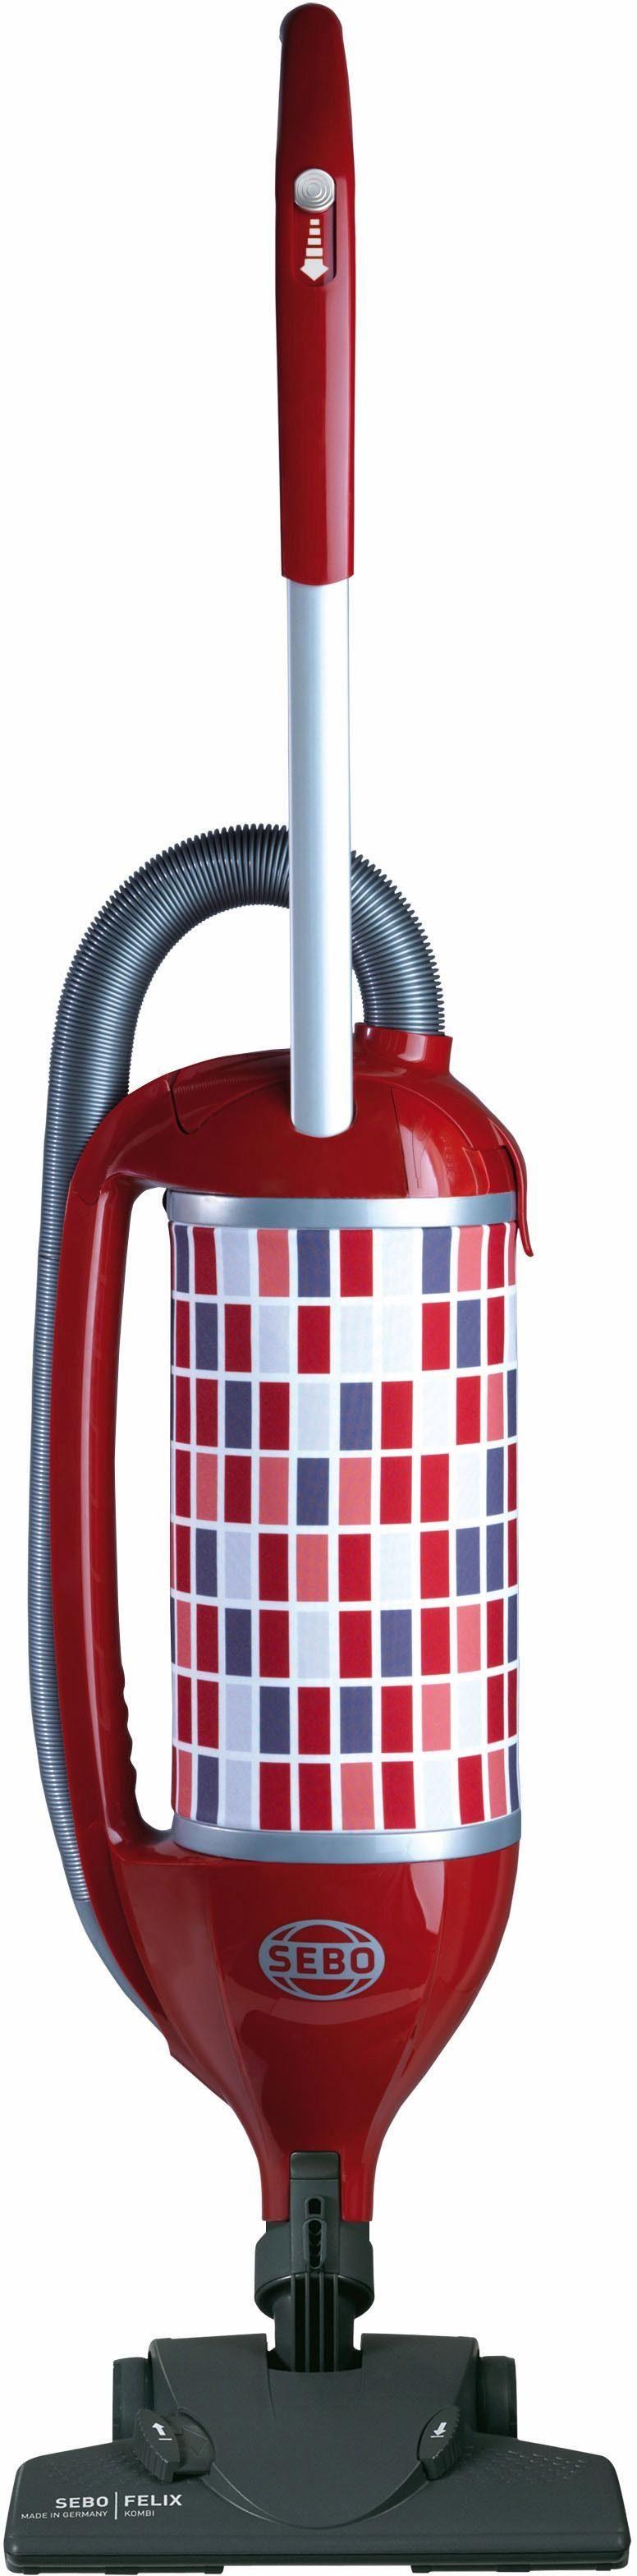 SEBO Handstaubsauger SEBO FELIX 4 KOMBI ROSSO, 700 Watt, mit Beutel, Flexibles Dreh-Kipp-Gelenk für mehr Beweglichkeit